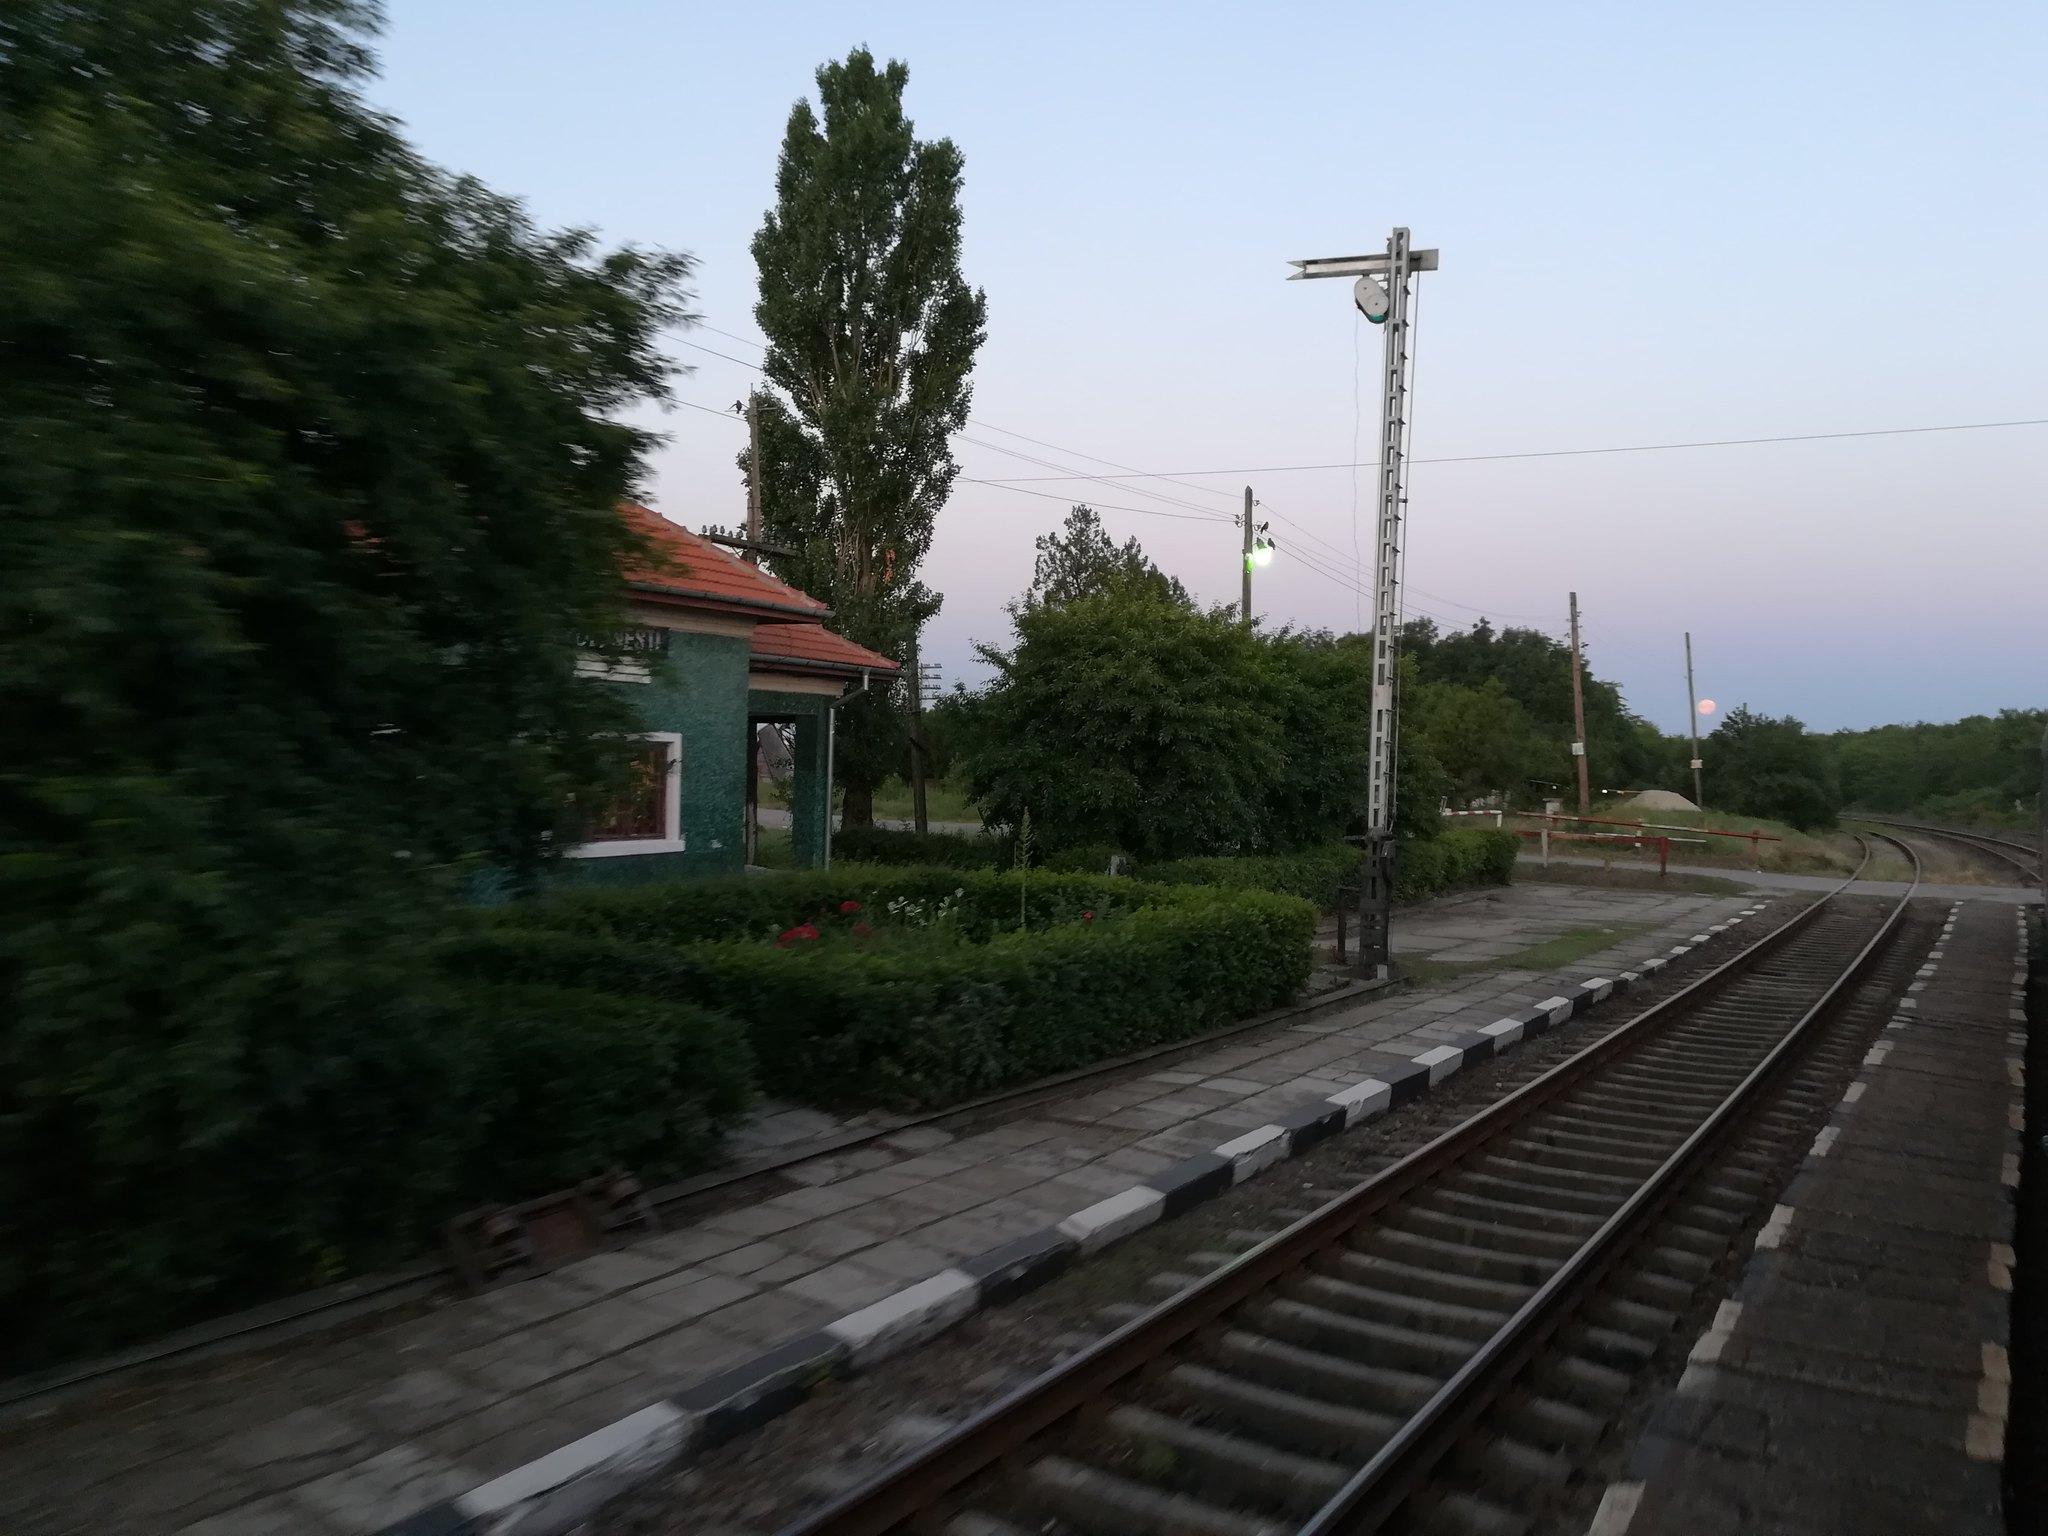 Reportaje feroviare Adirmvl - Pagina 15 44116495524_3fcf0ff617_k